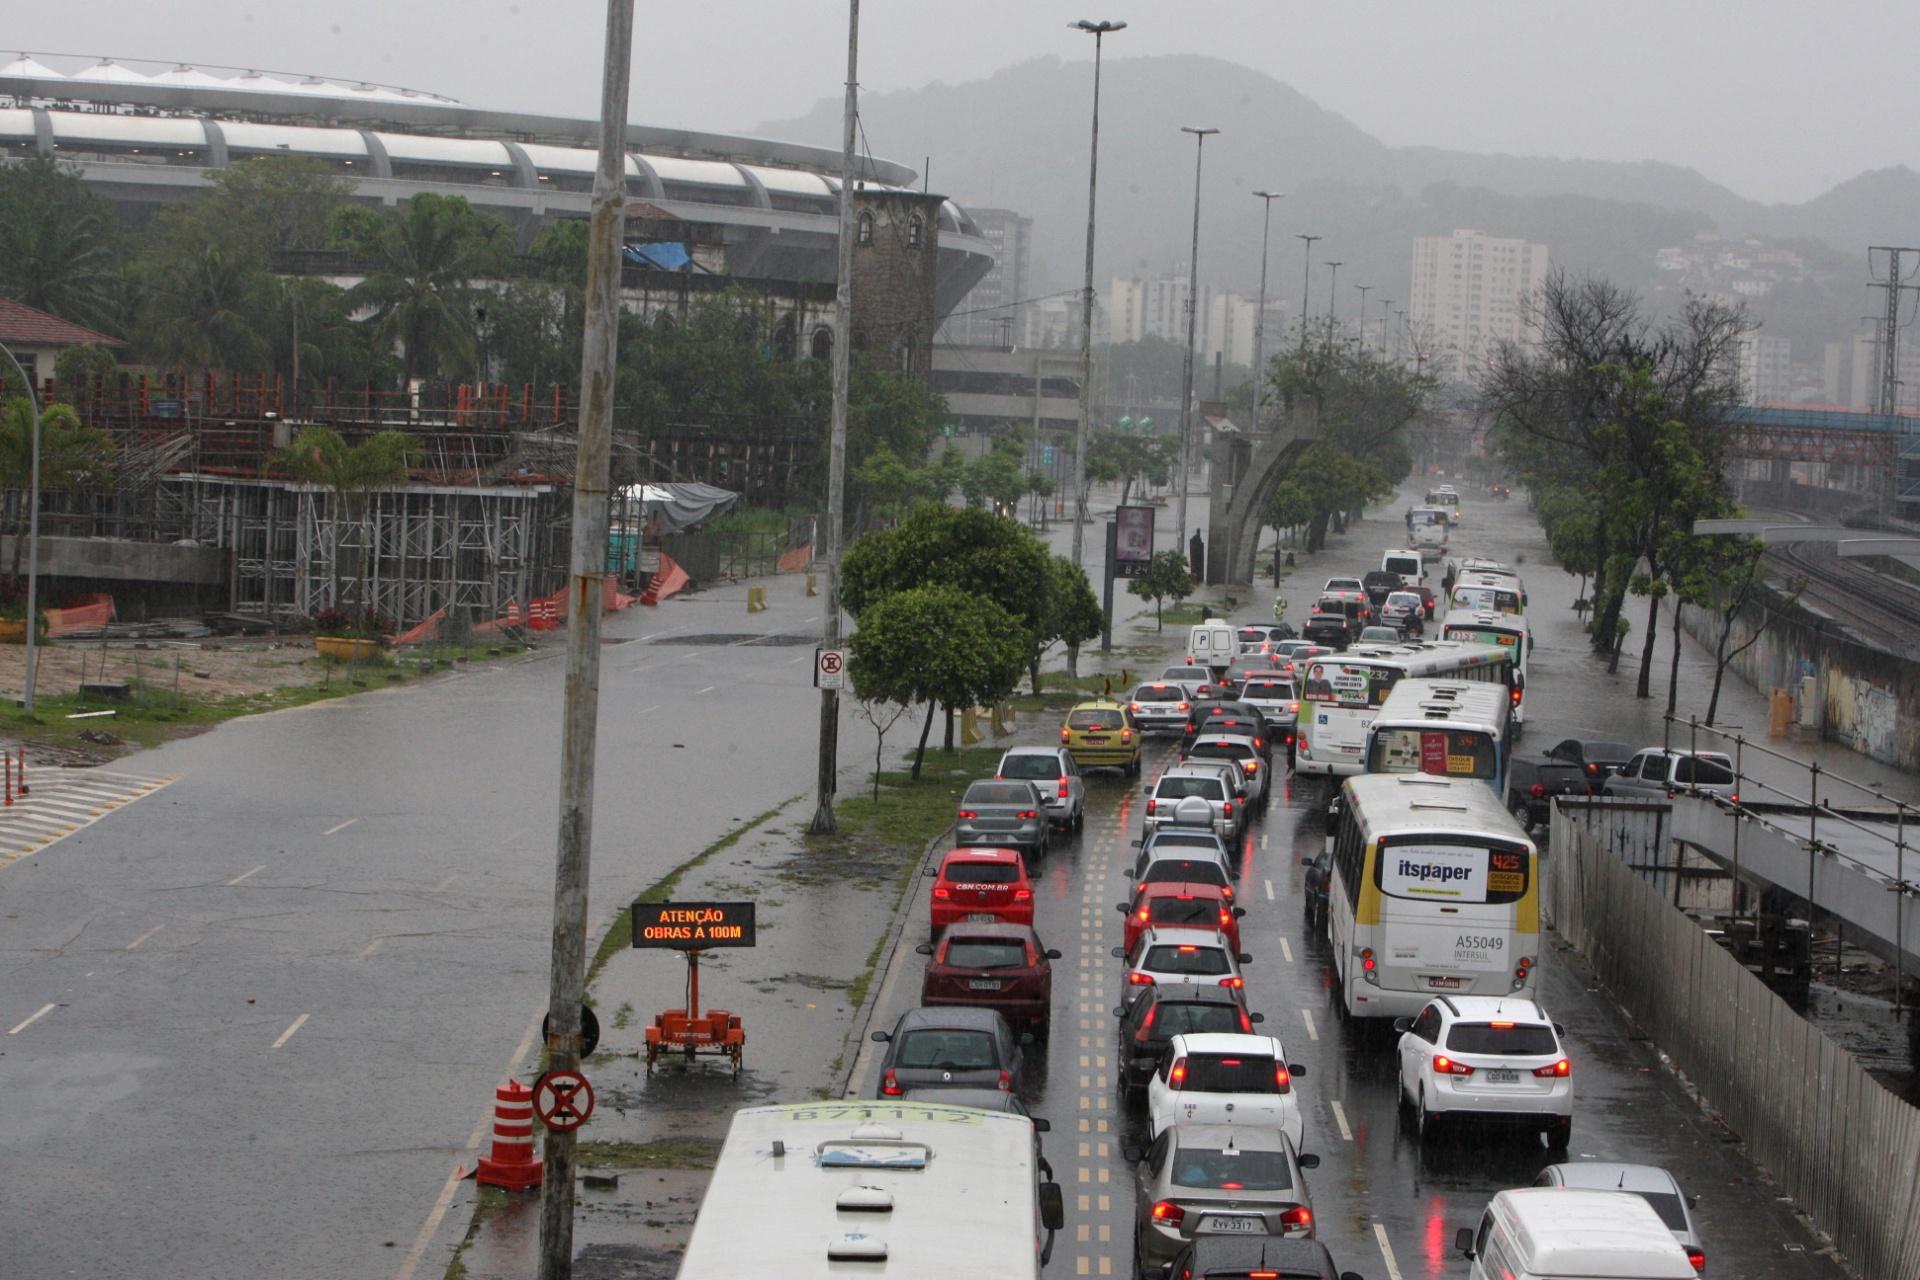 11.dez.2013 - Trânsito fica congestionado na avenida Radial Oeste, na altura do estádio do Maracanã, zona norte do Rio de Janeiro, na manhã desta quarta-feira (11). A chuva que atinge a cidade desde a noite de ontem provoca diversos pontos de alagamento